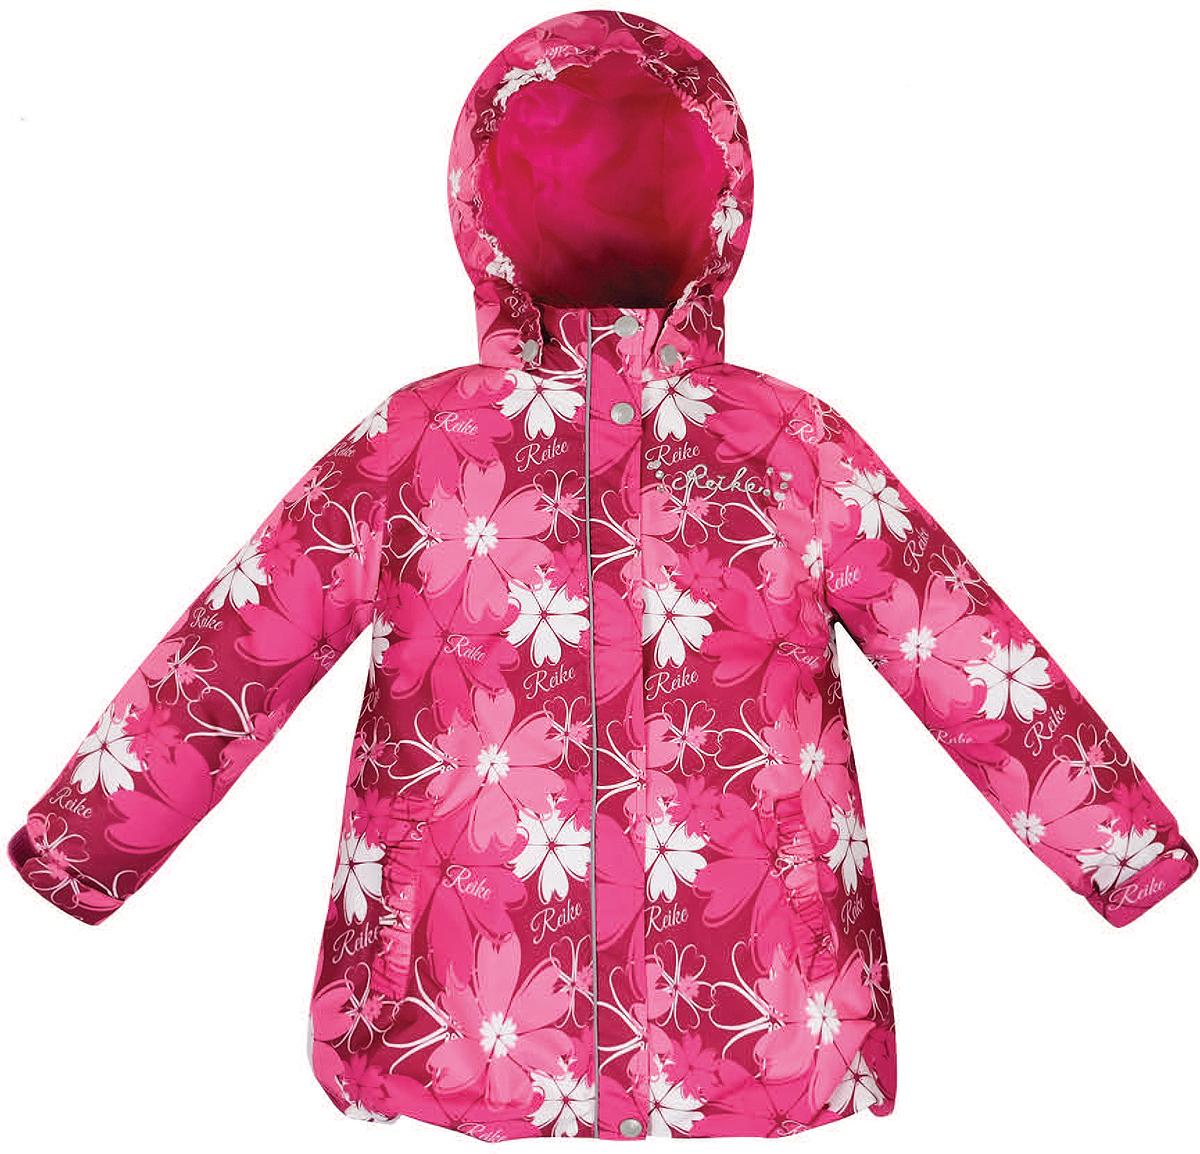 Куртка для девочки Reike Космея, цвет: бордовый. 36946003. Размер 110, 5 лет36 946 003_Cosmei bordeauxСтильная куртка для девочки Reike Космея выполнена из ветрозащитного, водоотталкивающего и дышащего материала с подкладкой из микрофлиса, обеспечивающей дополнительный комфорт. Модель с воротником-стойкой, защищающим от ветра, застегивается на молнию с ветрозащитной планкой на кнопках и оформлена цветочным принтом в стиле серии. Манжеты рукавов на резинке дополнительно регулируются с помощью липучек. Модель дополнена съемным капюшоном, утянутым резинкой, двумя прорезными карманами, утяжкой по низу изделия и светоотражающими элементами. На груди куртка декорирована серебристой вышивкой и стразами. Особенности изделия:- базовый уровень; - коэффициент воздухопроницаемости: 2000гр/м2/24 ч;- водоотталкивающее покрытие: 2000 мм.